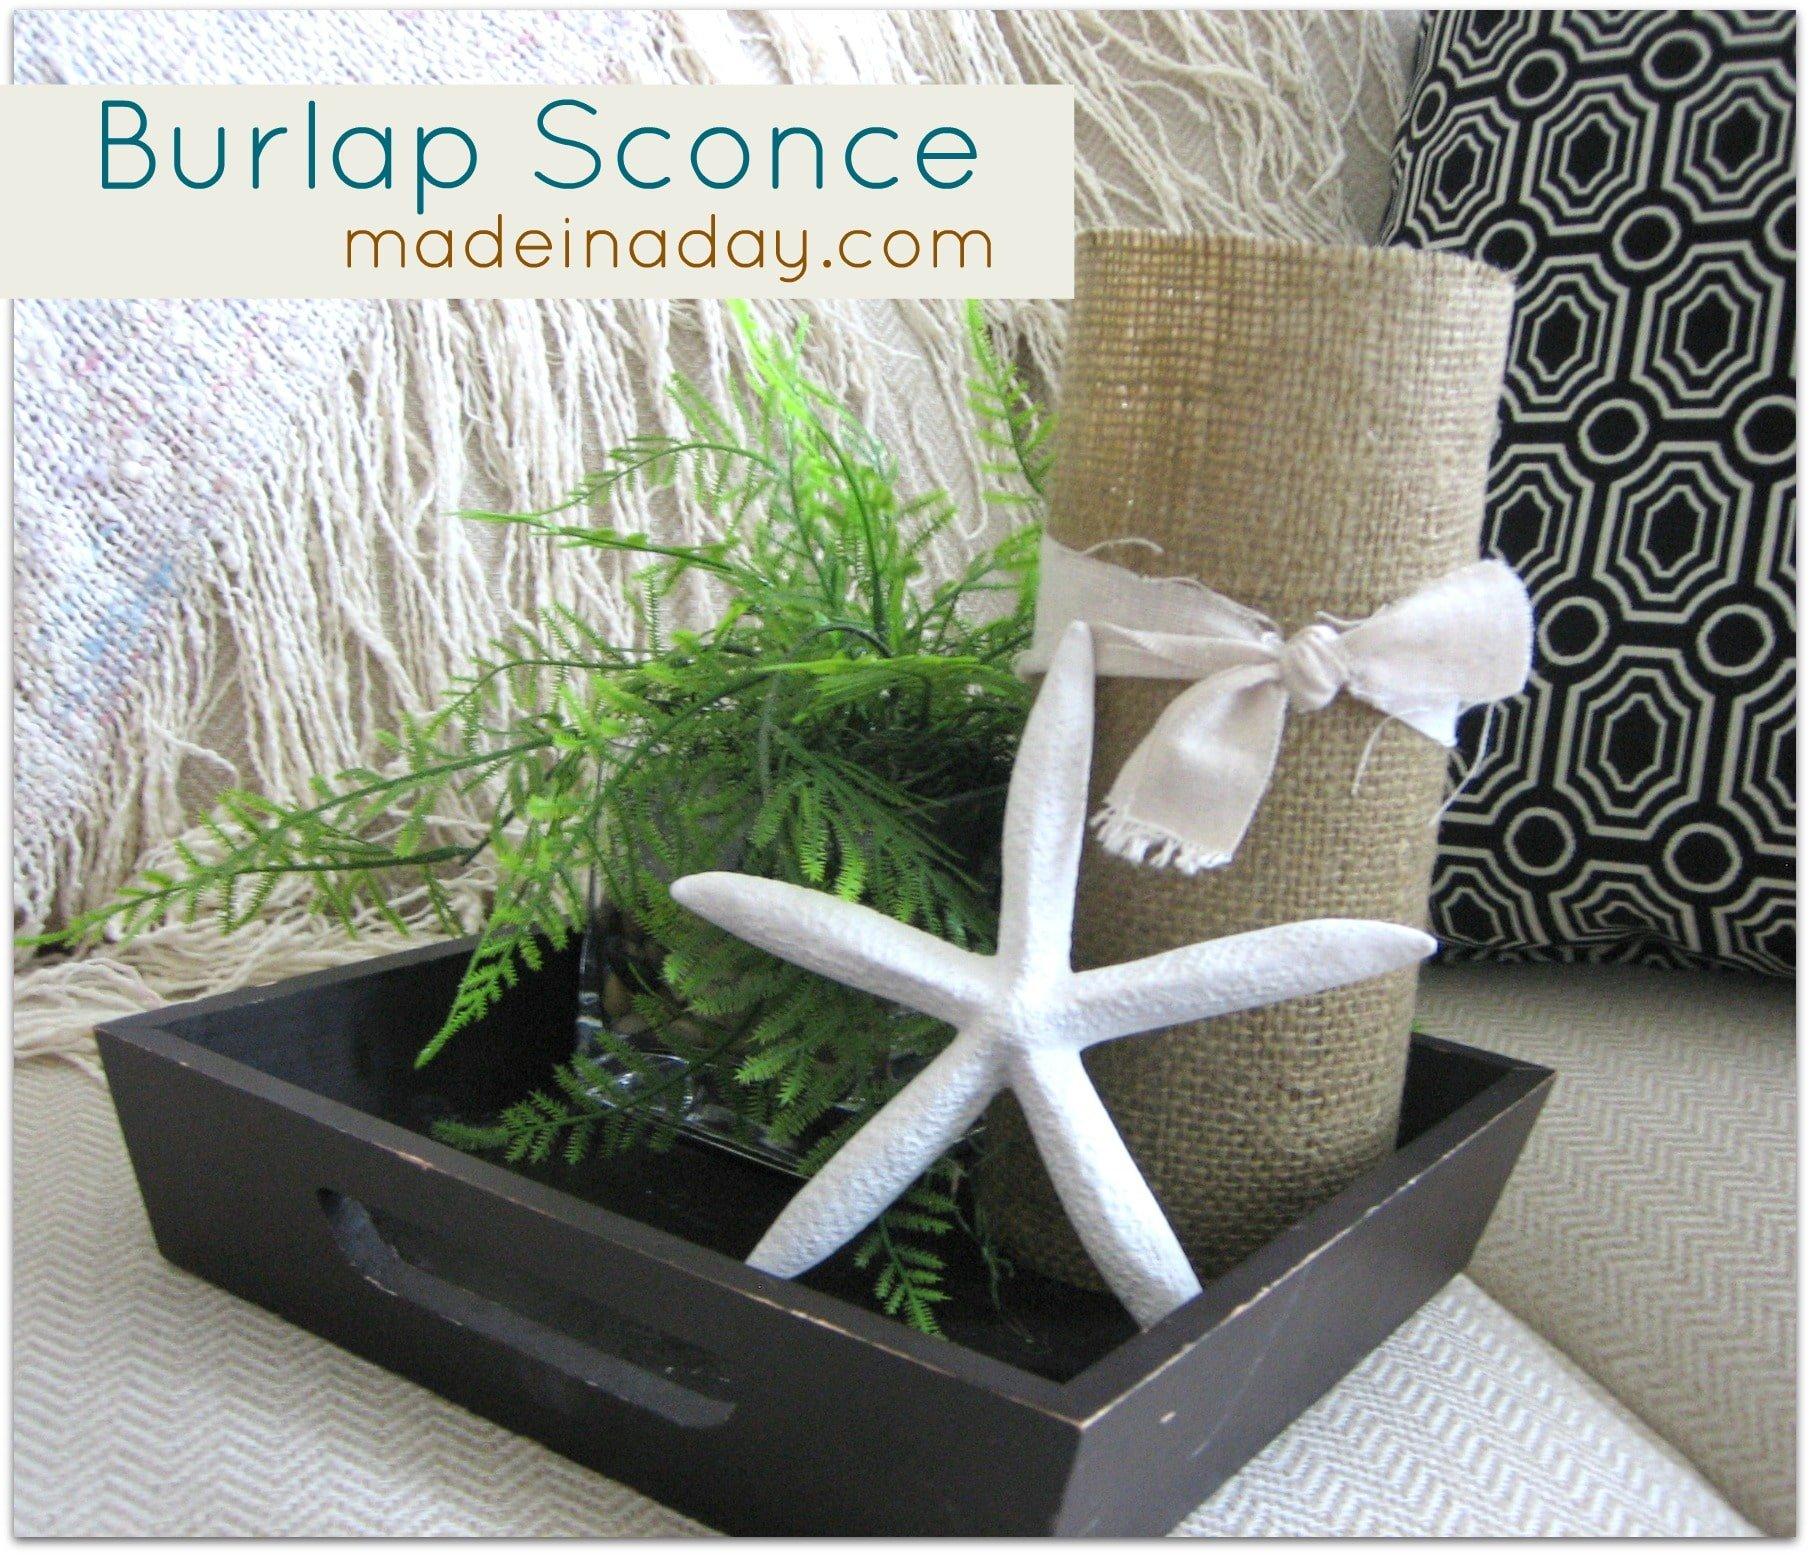 Burlap decoupage Sconce Updo